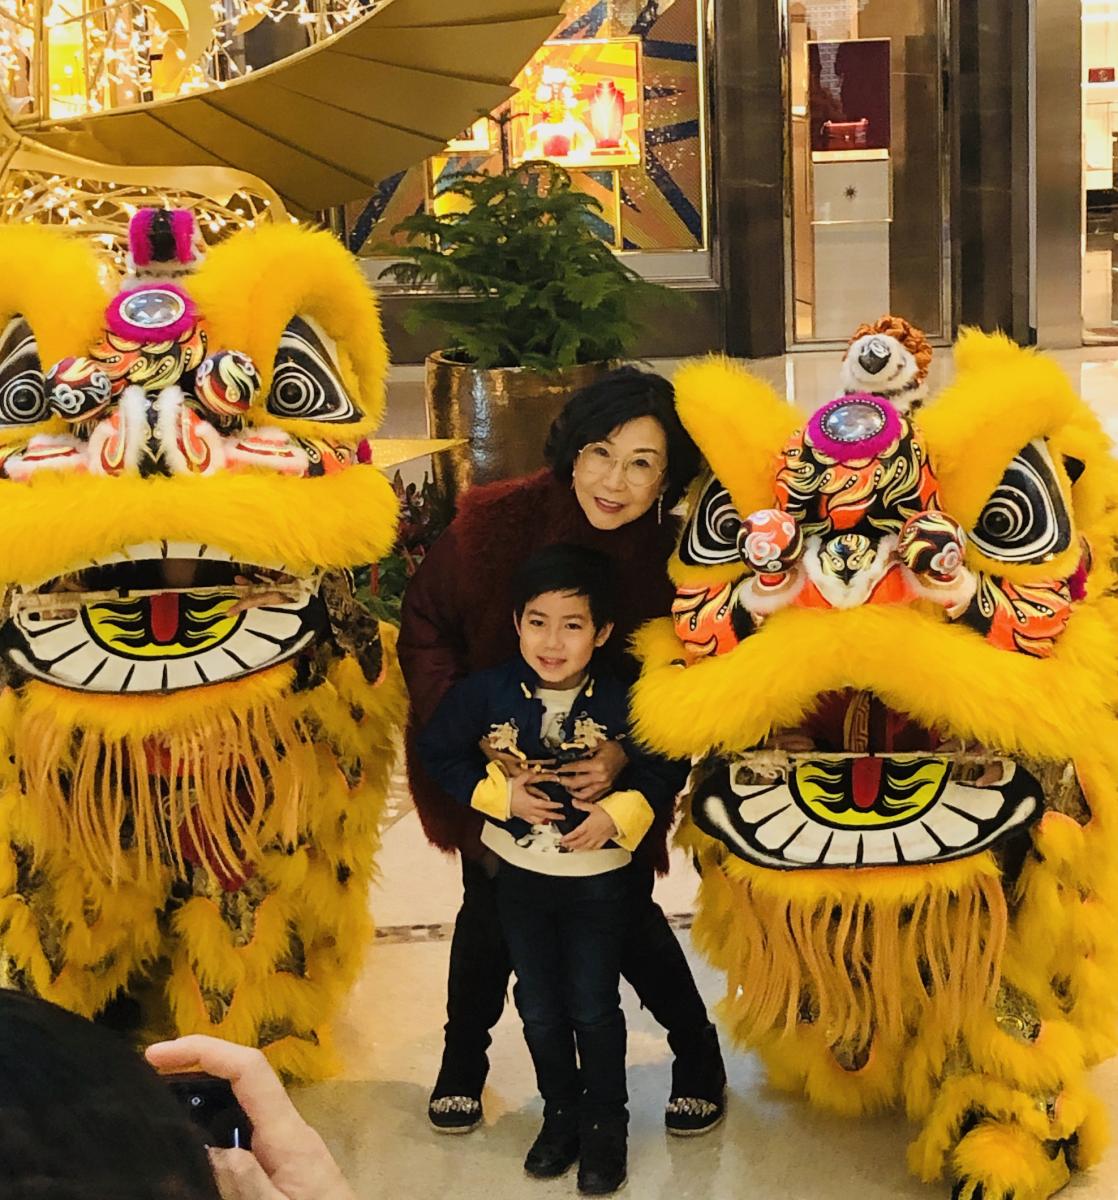 拉斯维加斯是这样庆祝中国新年的_图1-11